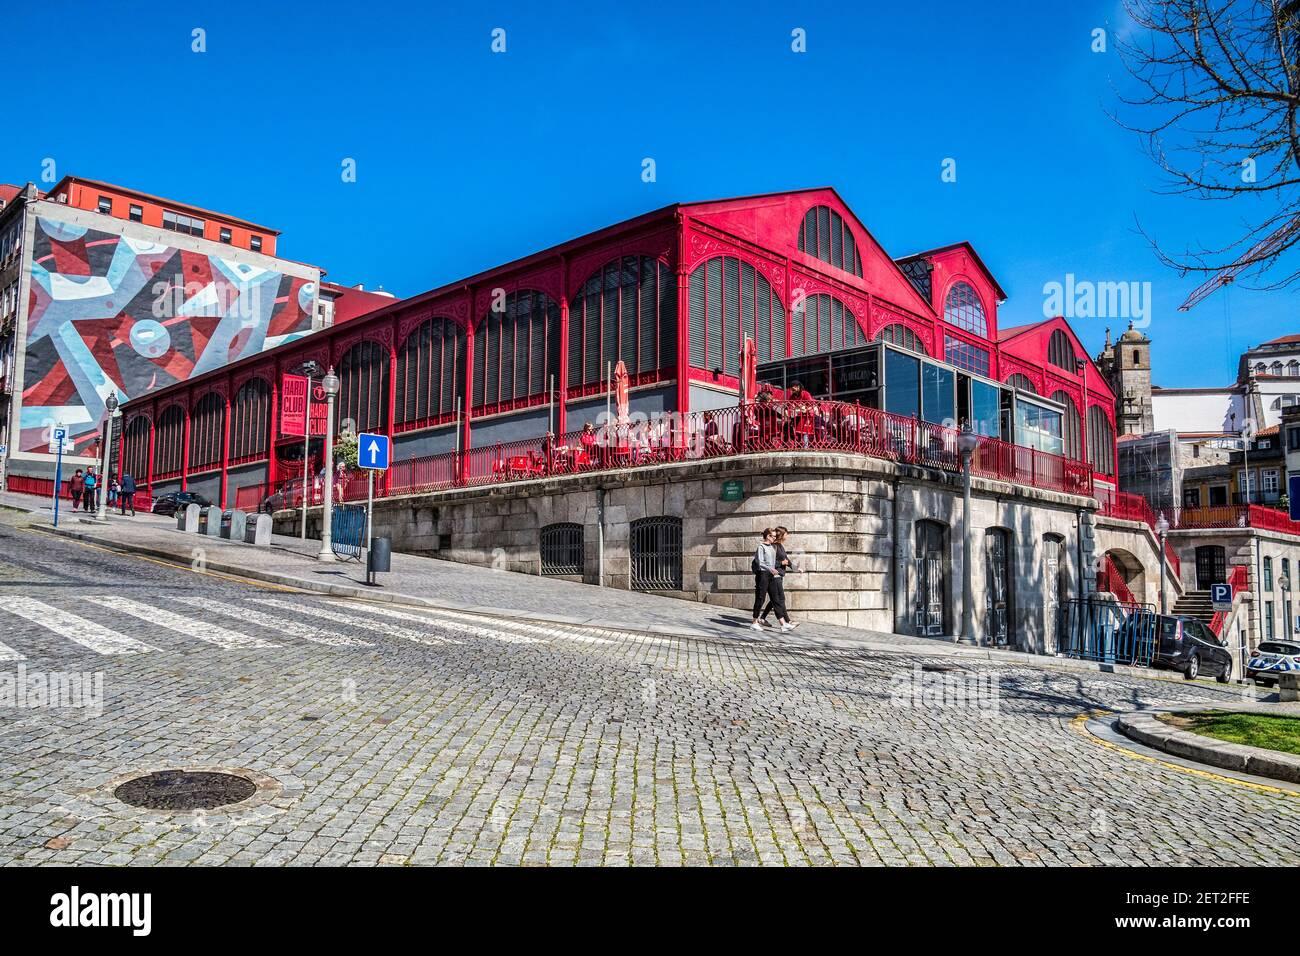 10 de marzo de 2020: Oporto, Portugal - el mercado Ferreira Borges, un mercado construido en la década de 1880 en Oporto, ahora un club nocturno y restaurante. Foto de stock